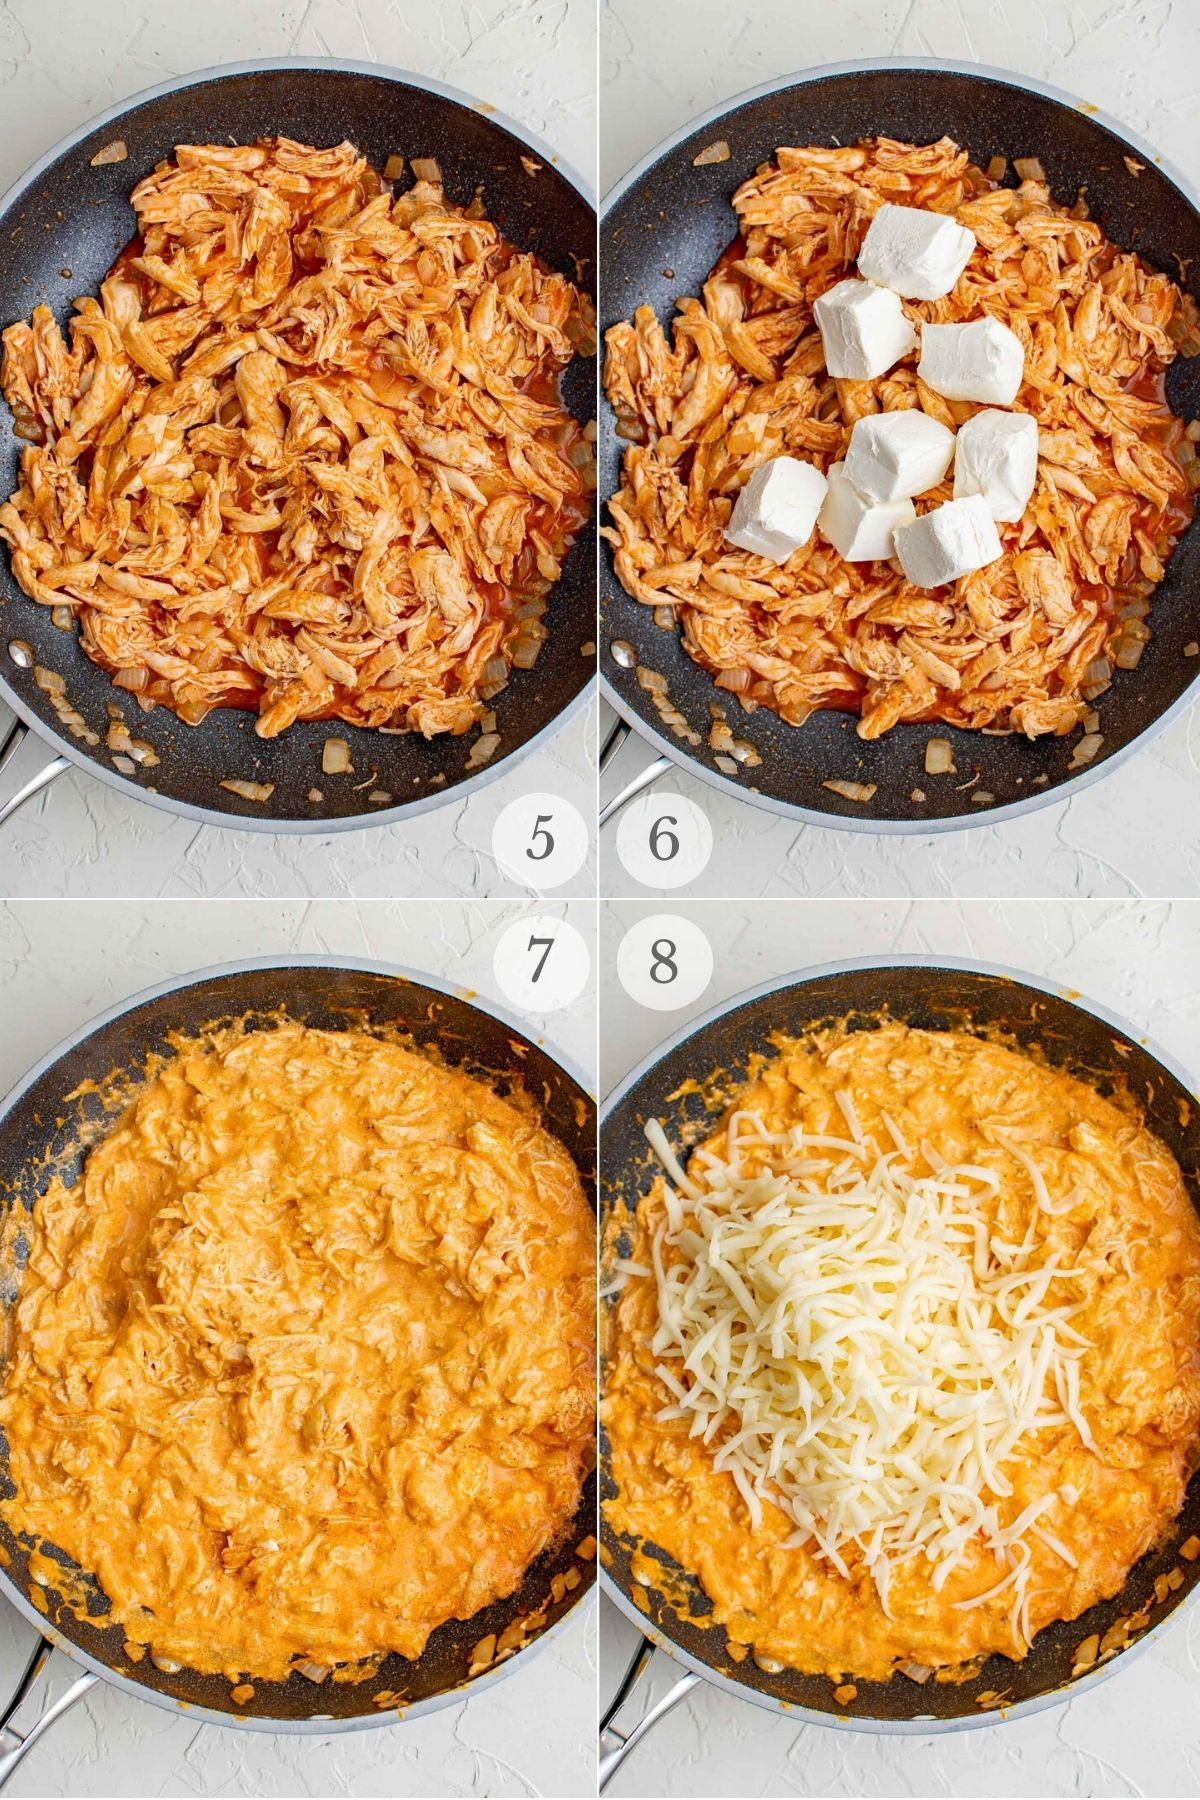 buffalo chicken pasta recipe steps 5-8